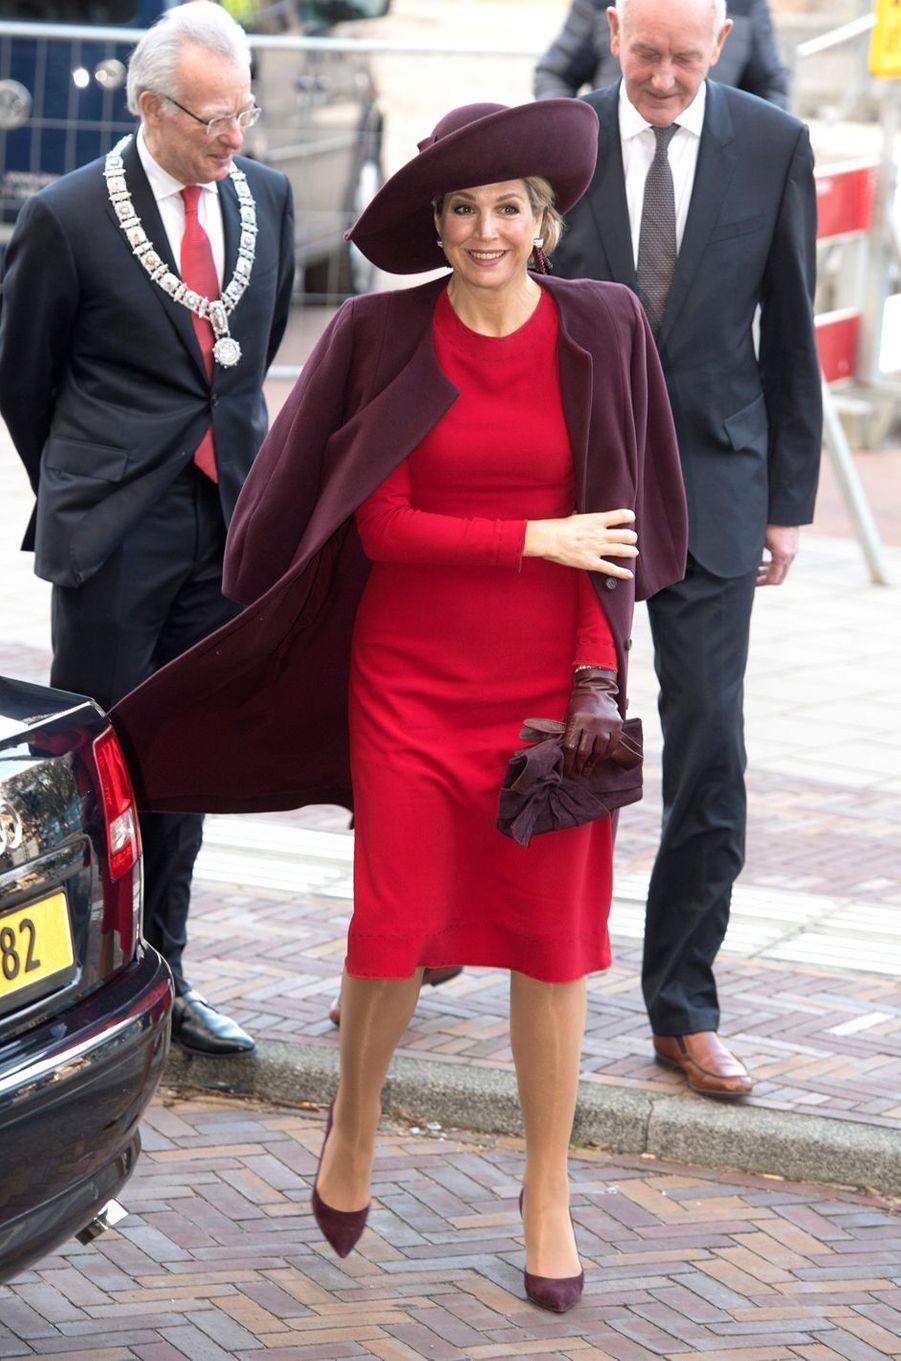 La reine Maxima des Pays-Bas dans un look rouge et prune à Amsterdam, le 5 février 2018